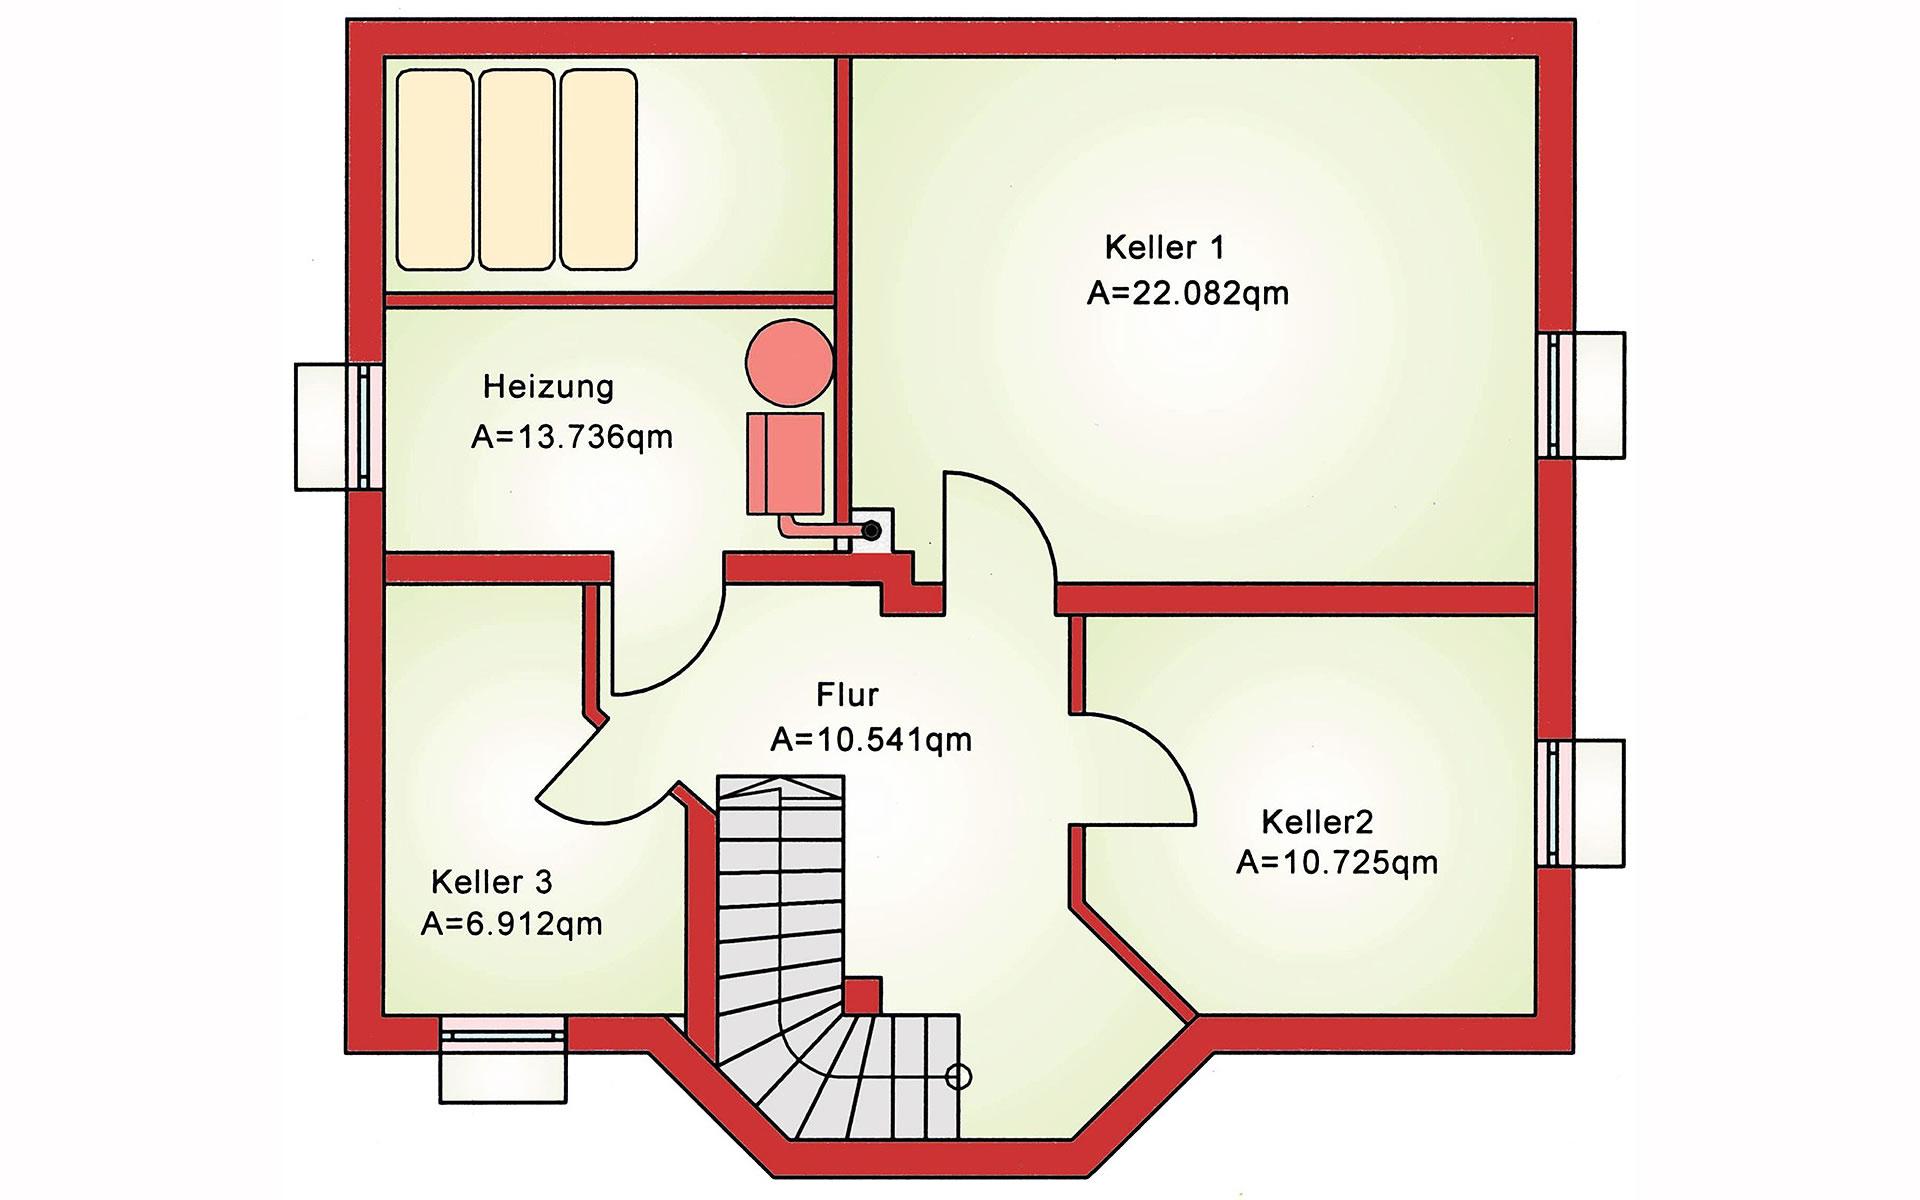 Keller Basic BS 112 von B&S Selbstbausysteme GmbH & Co. KG